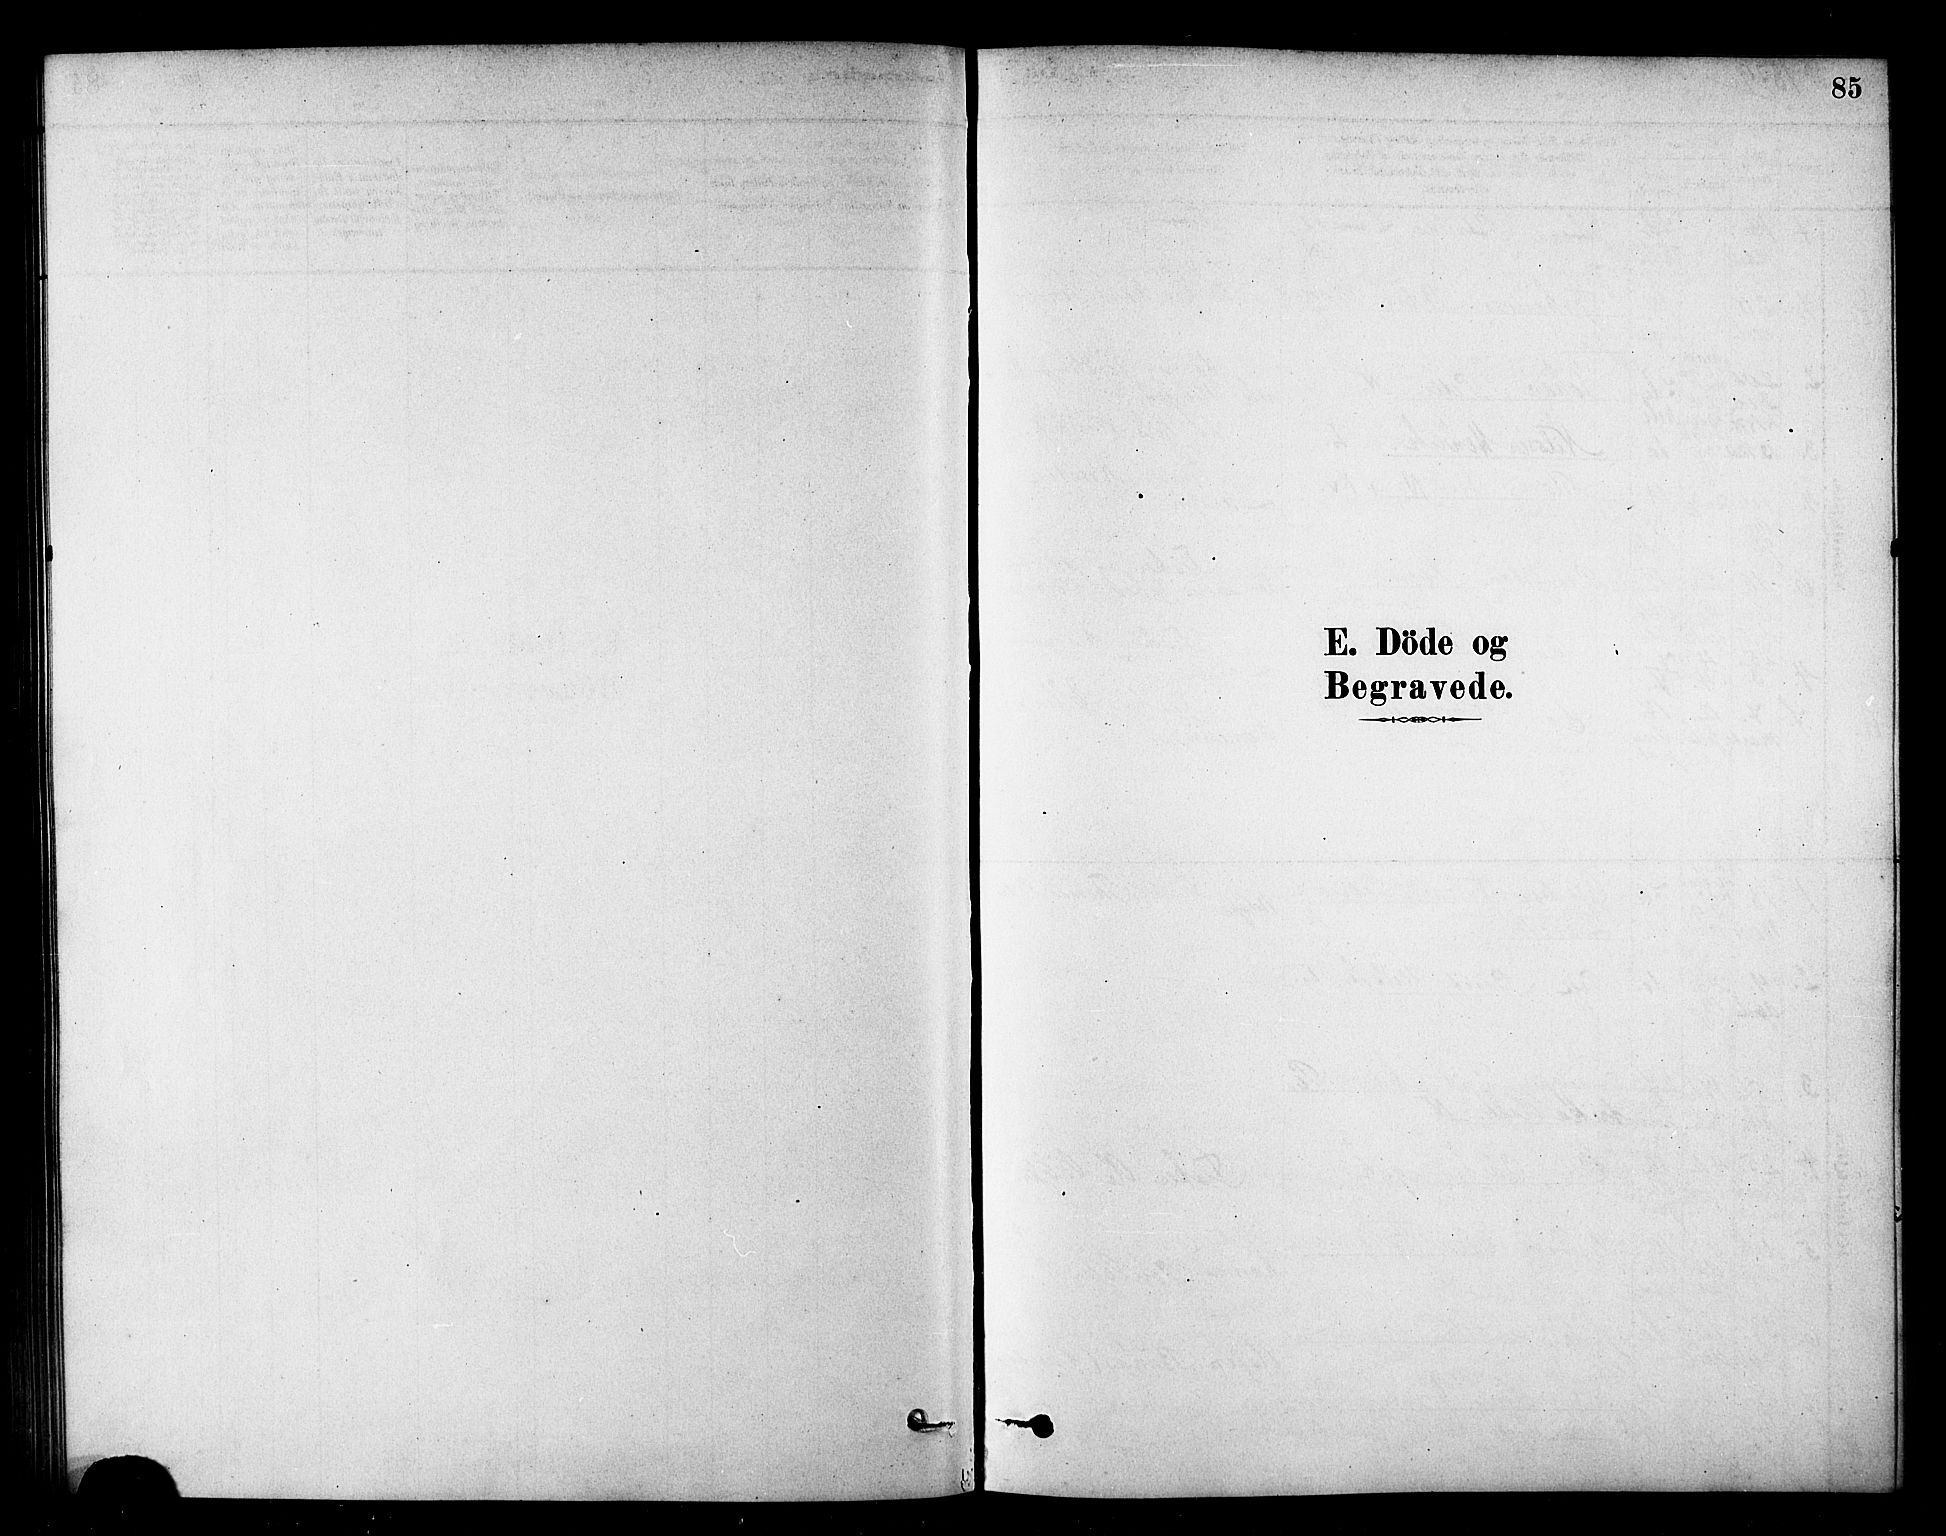 SATØ, Loppa sokneprestkontor, H/Ha/L0007kirke: Ministerialbok nr. 7, 1879-1889, s. 85